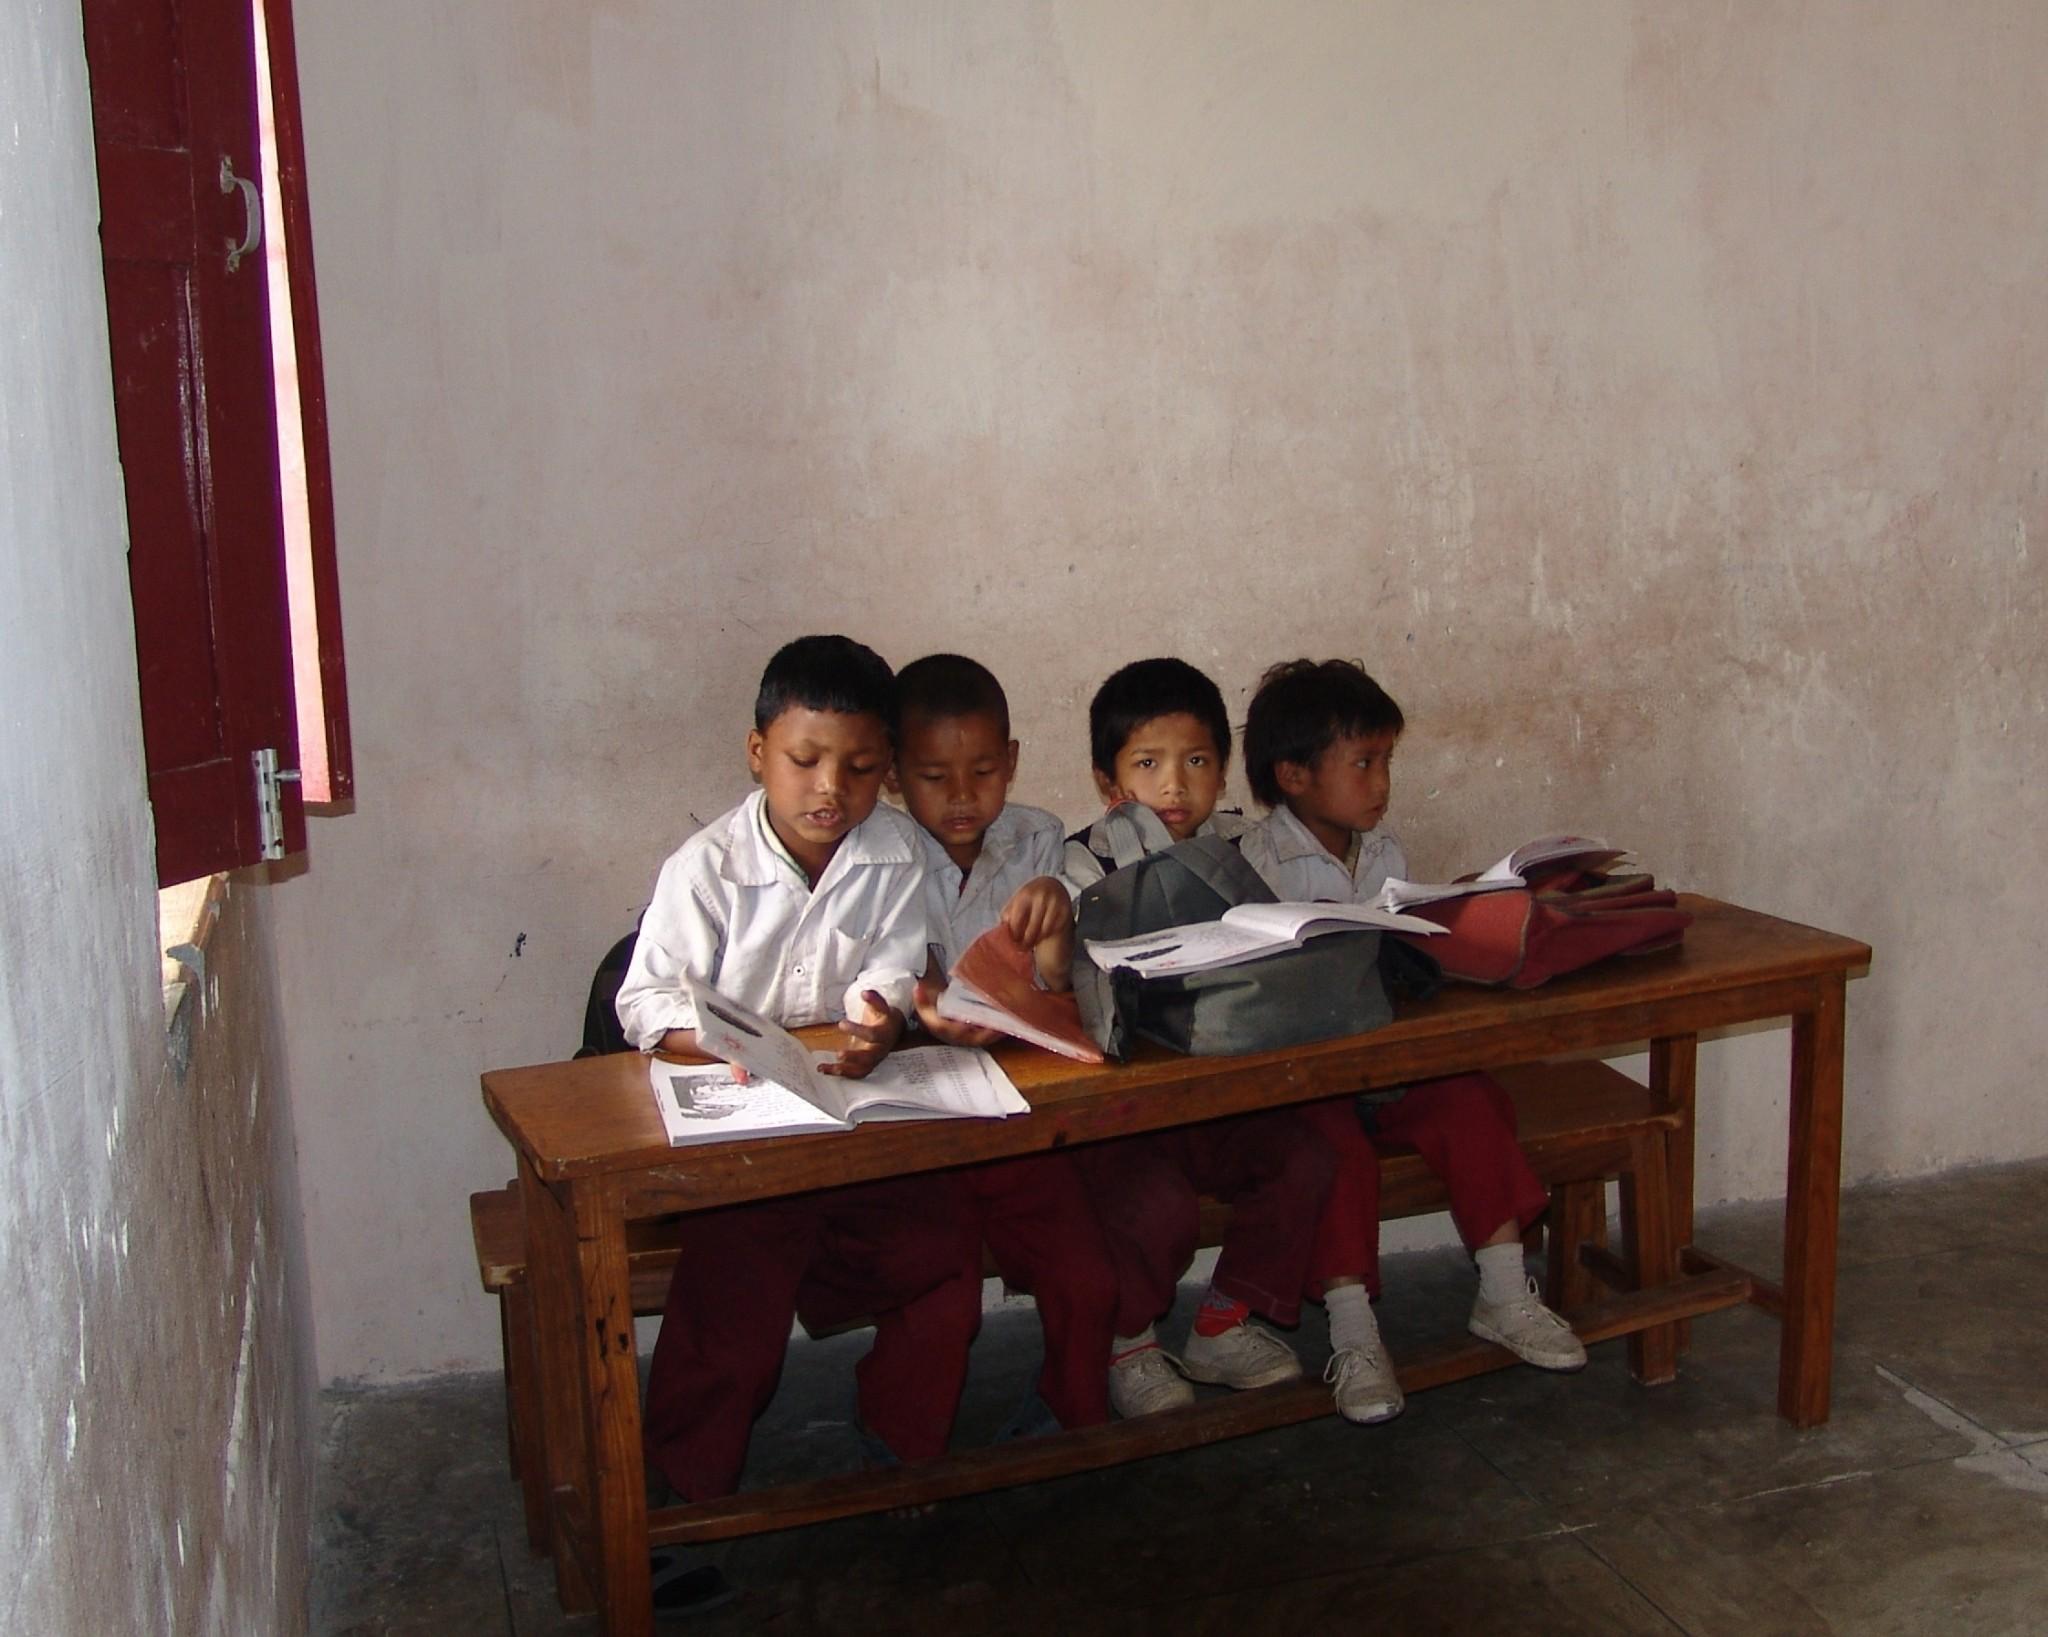 village children at school